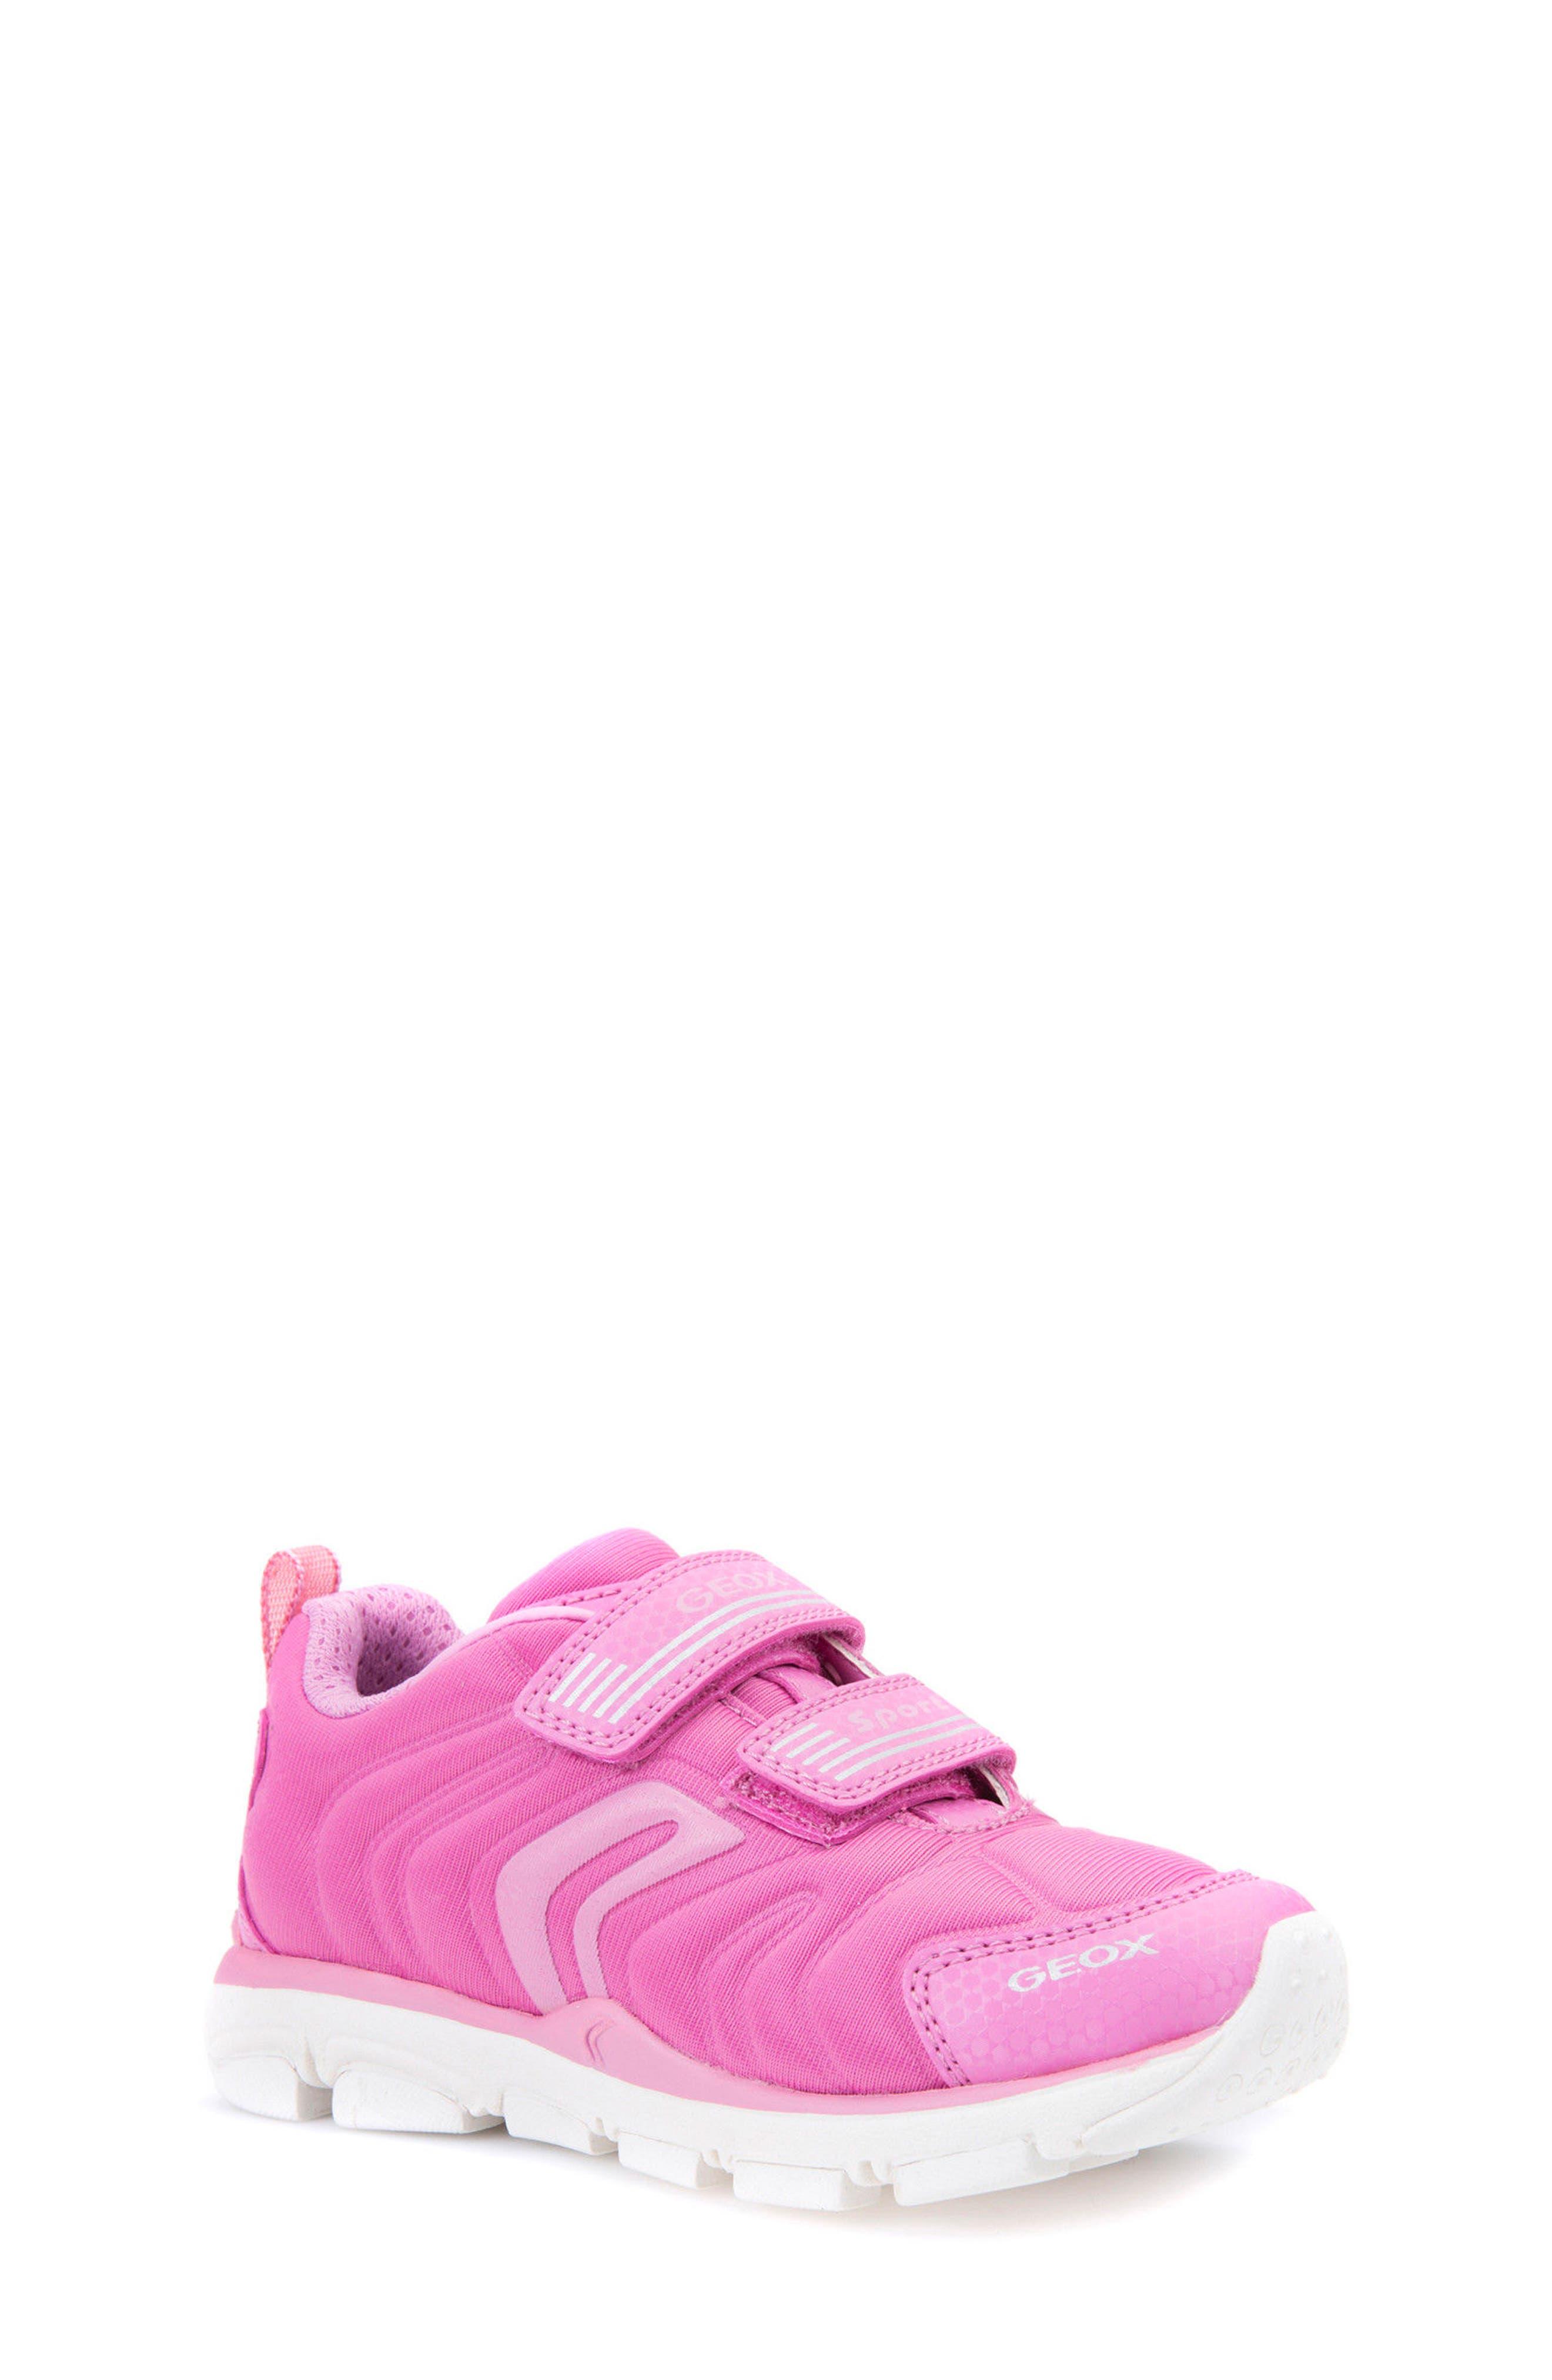 Geox Torque Sneaker (Toddler, Little Kid & Big Kid)